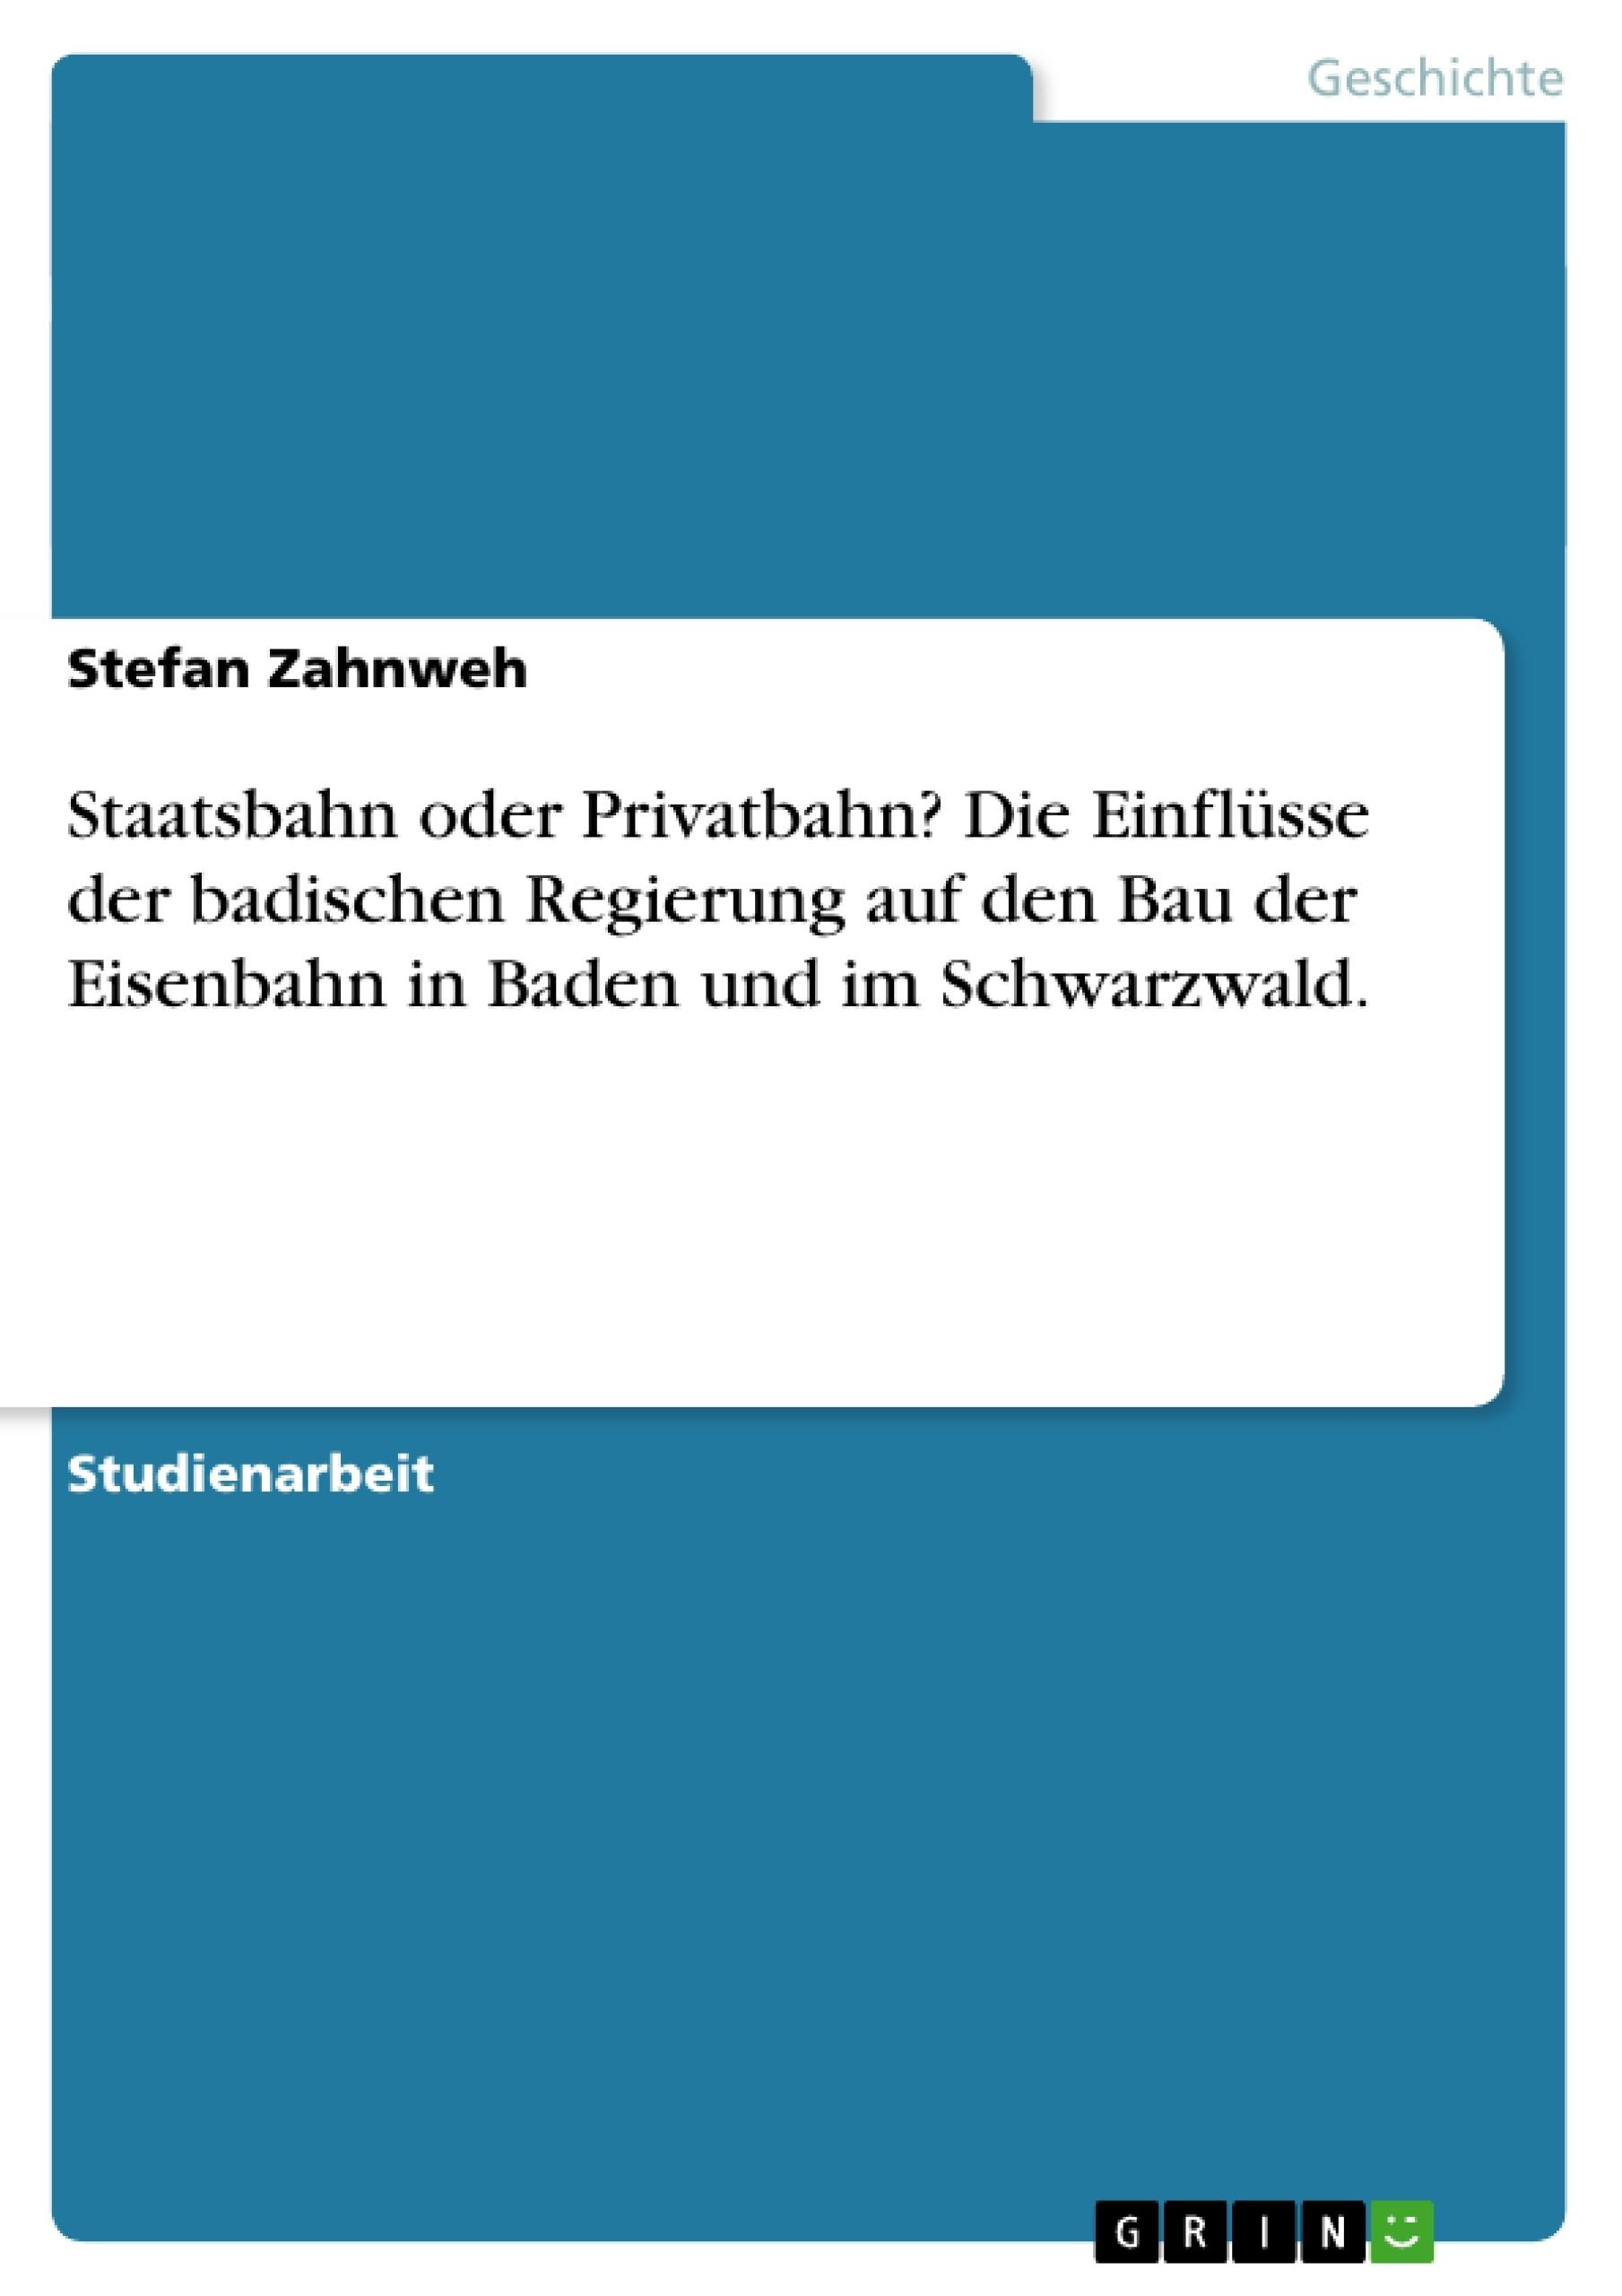 Titel: Staatsbahn oder Privatbahn? Die Einflüsse der badischen Regierung auf den Bau der Eisenbahn in Baden und im Schwarzwald.